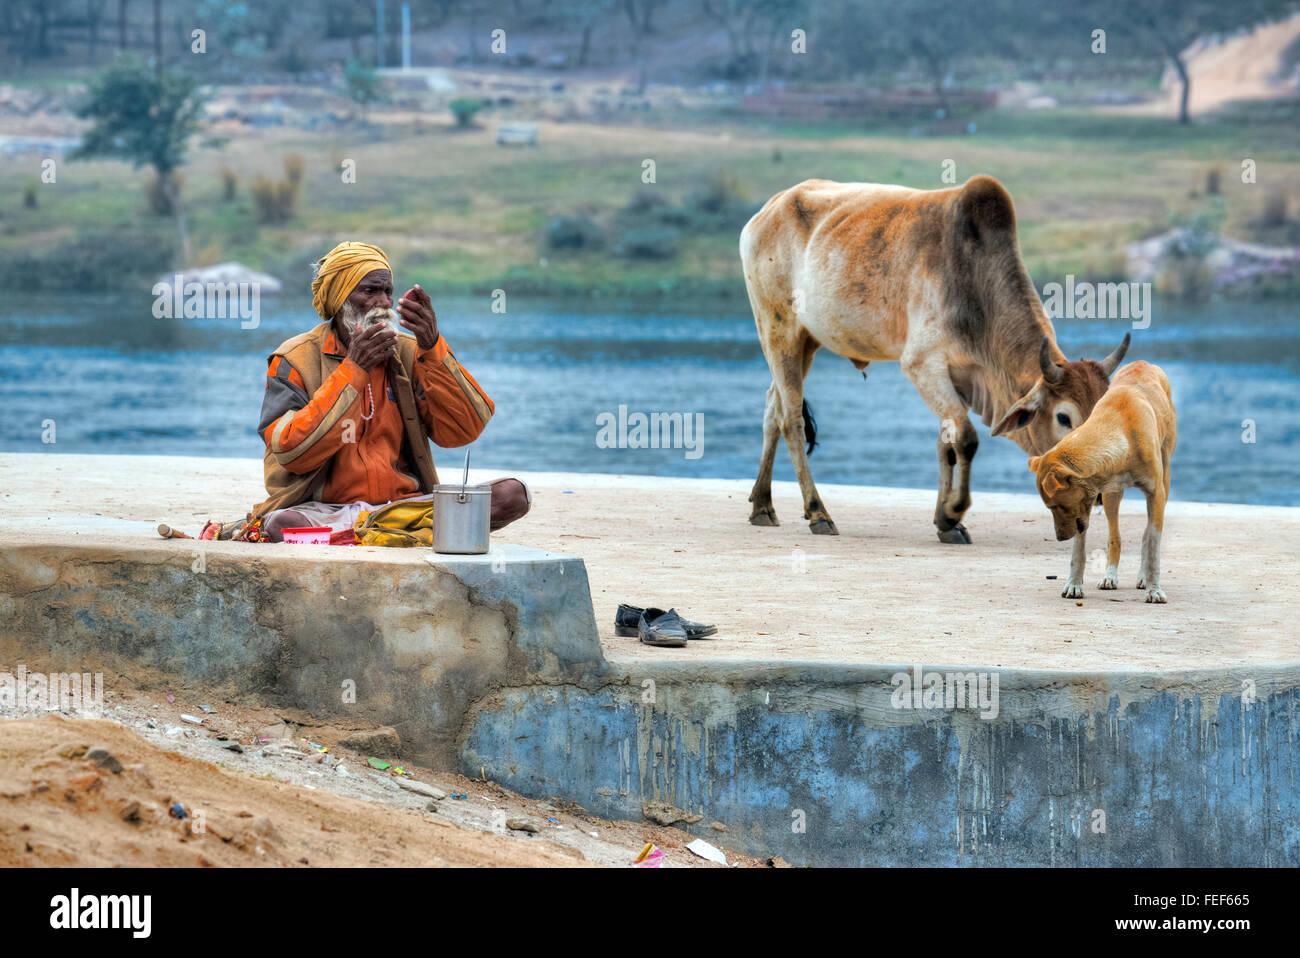 persönliche Hygiene an den Flussufern der Betwa in Orchha, Madhya Pradesh, Indien, Südasien Stockbild